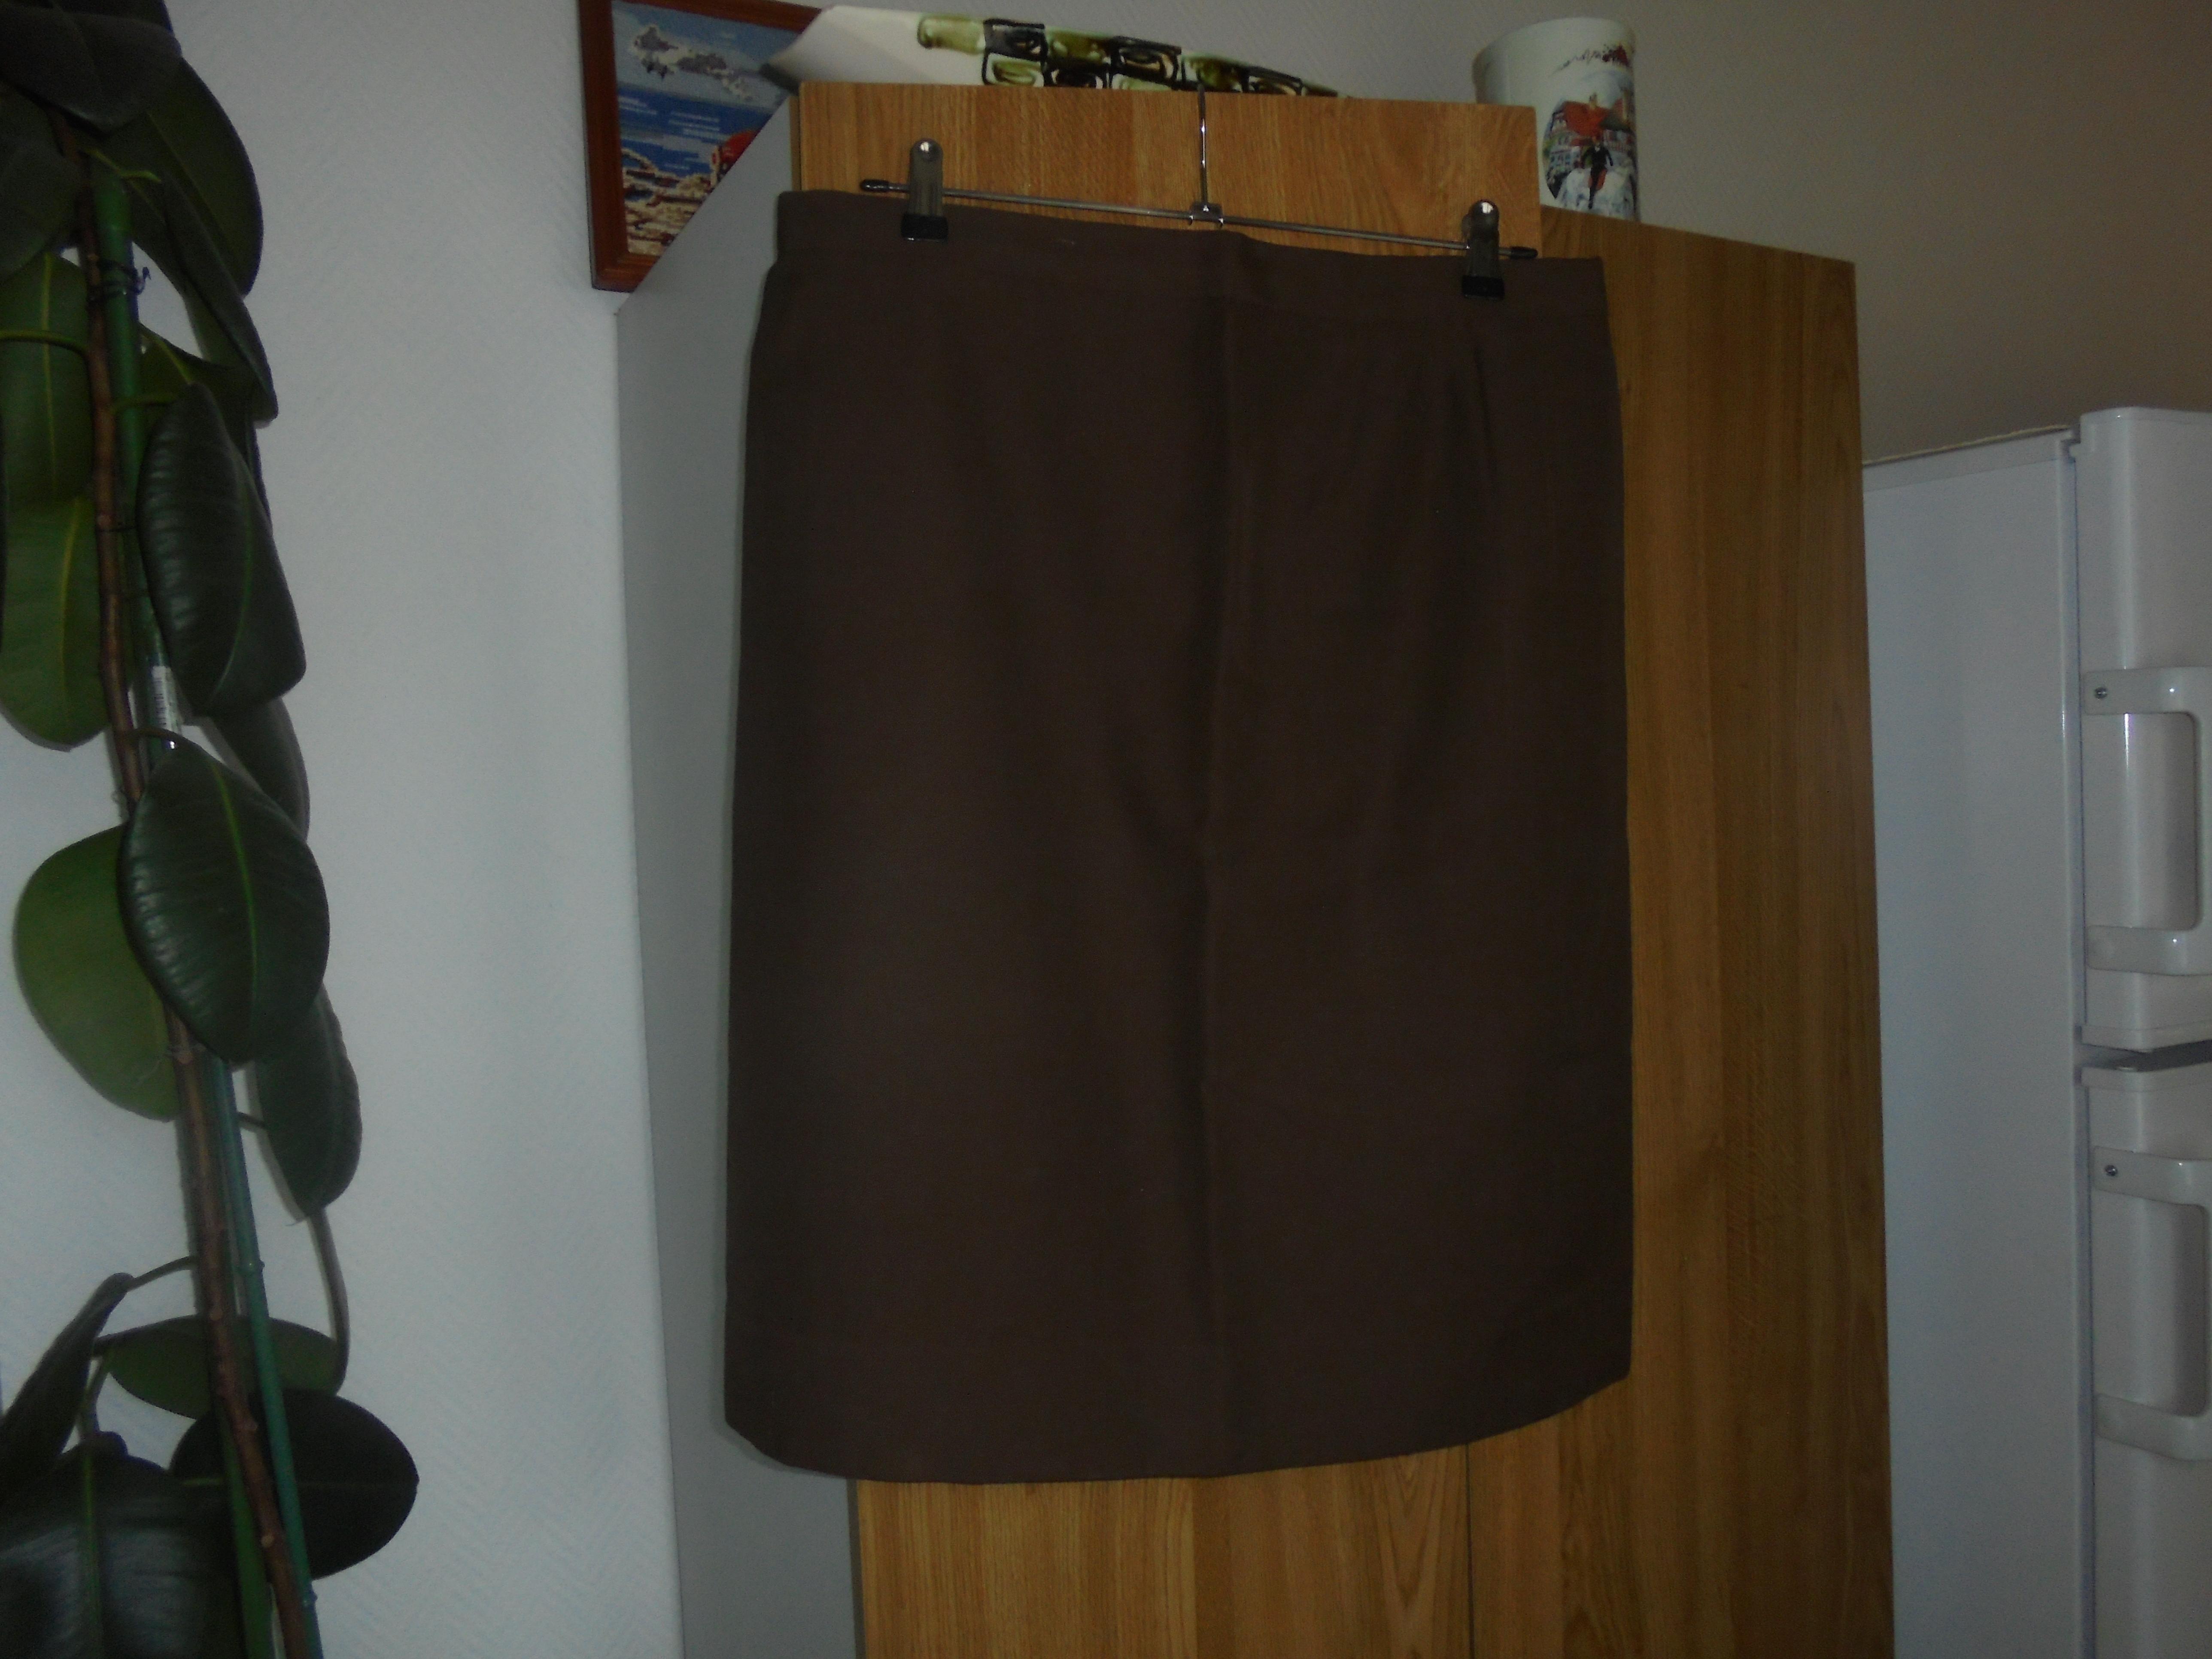 troc de troc jupe droite marron fait mains    8  noisettes image 0